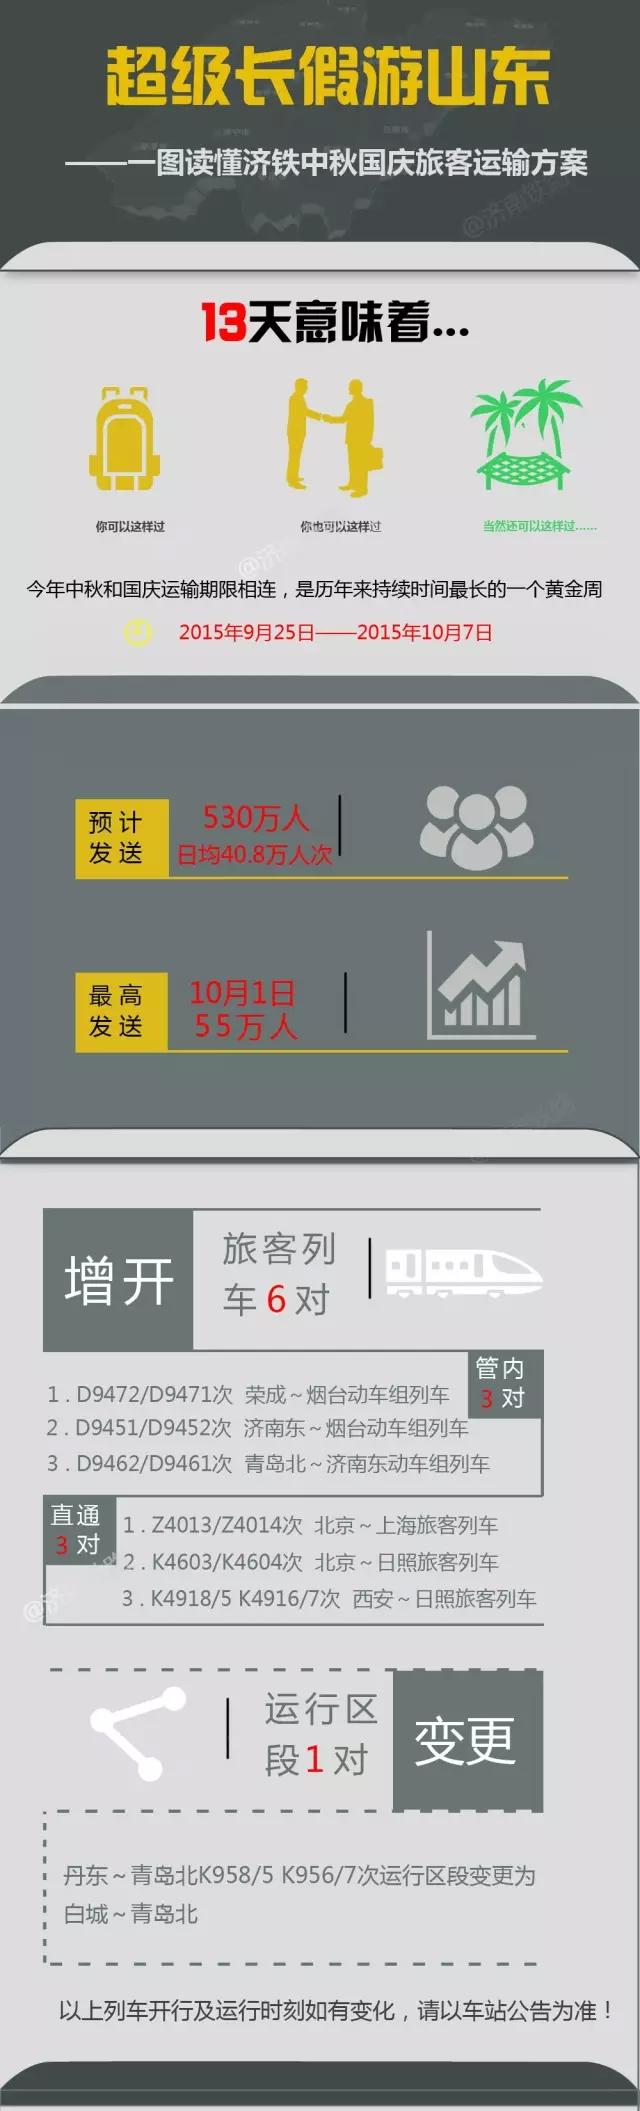 超级长假游山东——一图读懂济铁中秋国庆旅客运输方案